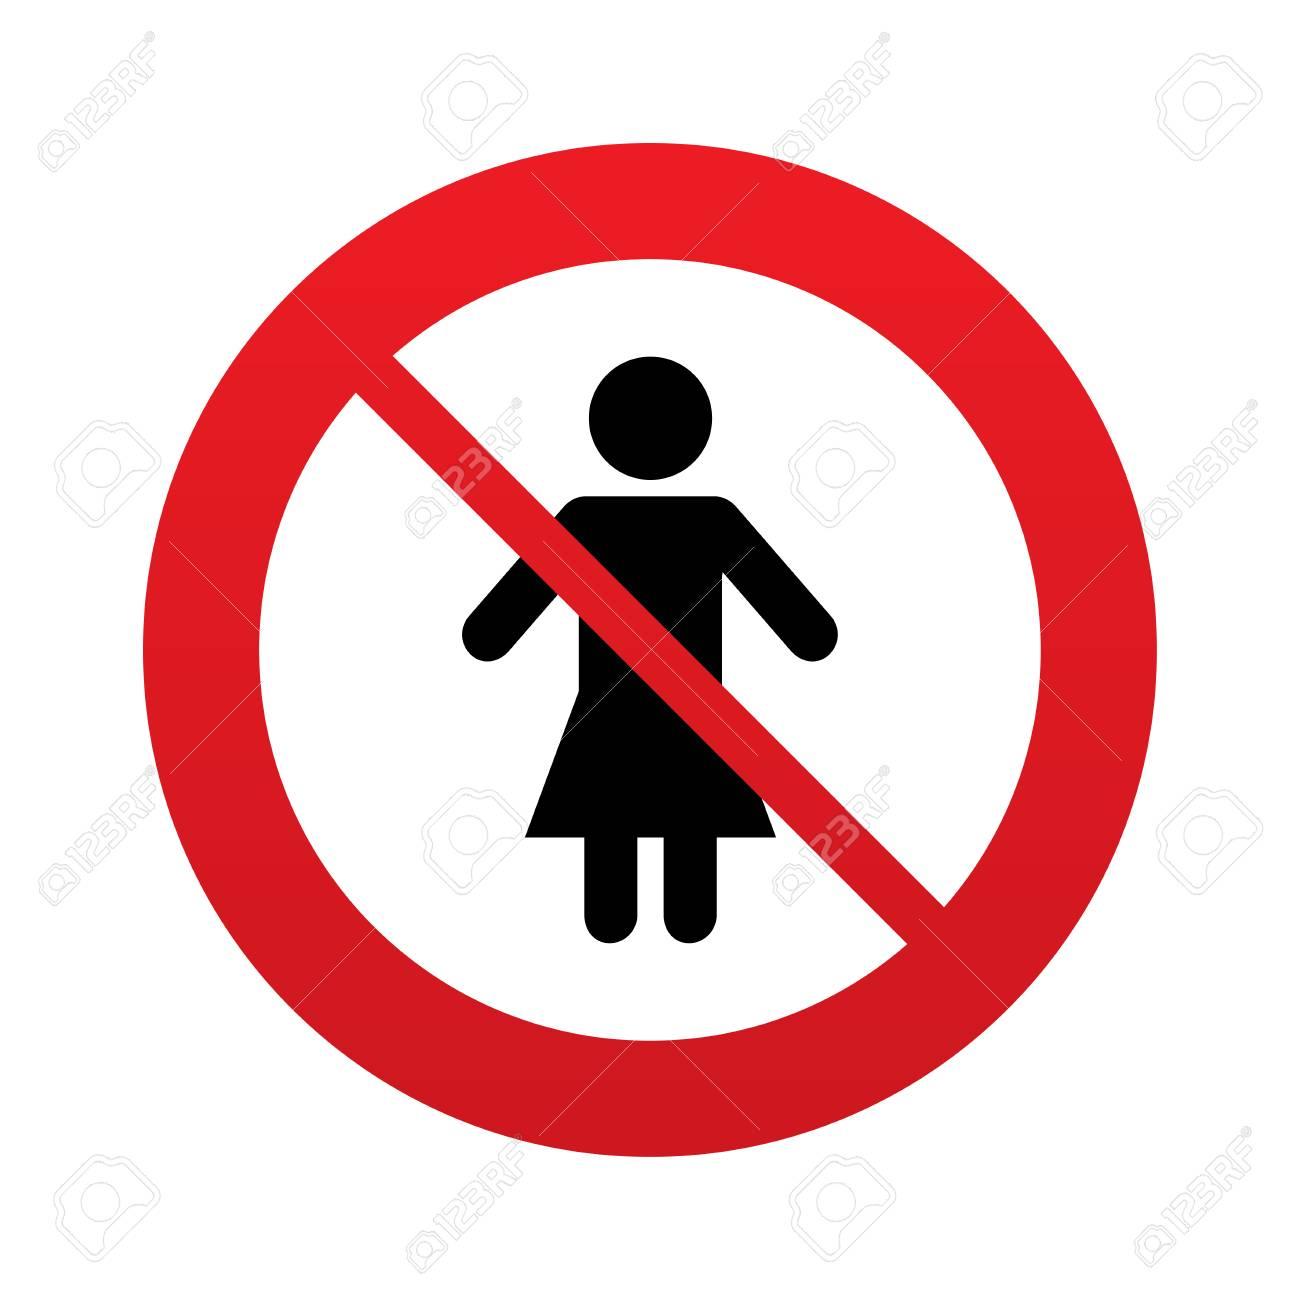 Femme Signe Icône Femme Symbole Humain Femmes Toilette Panneau D